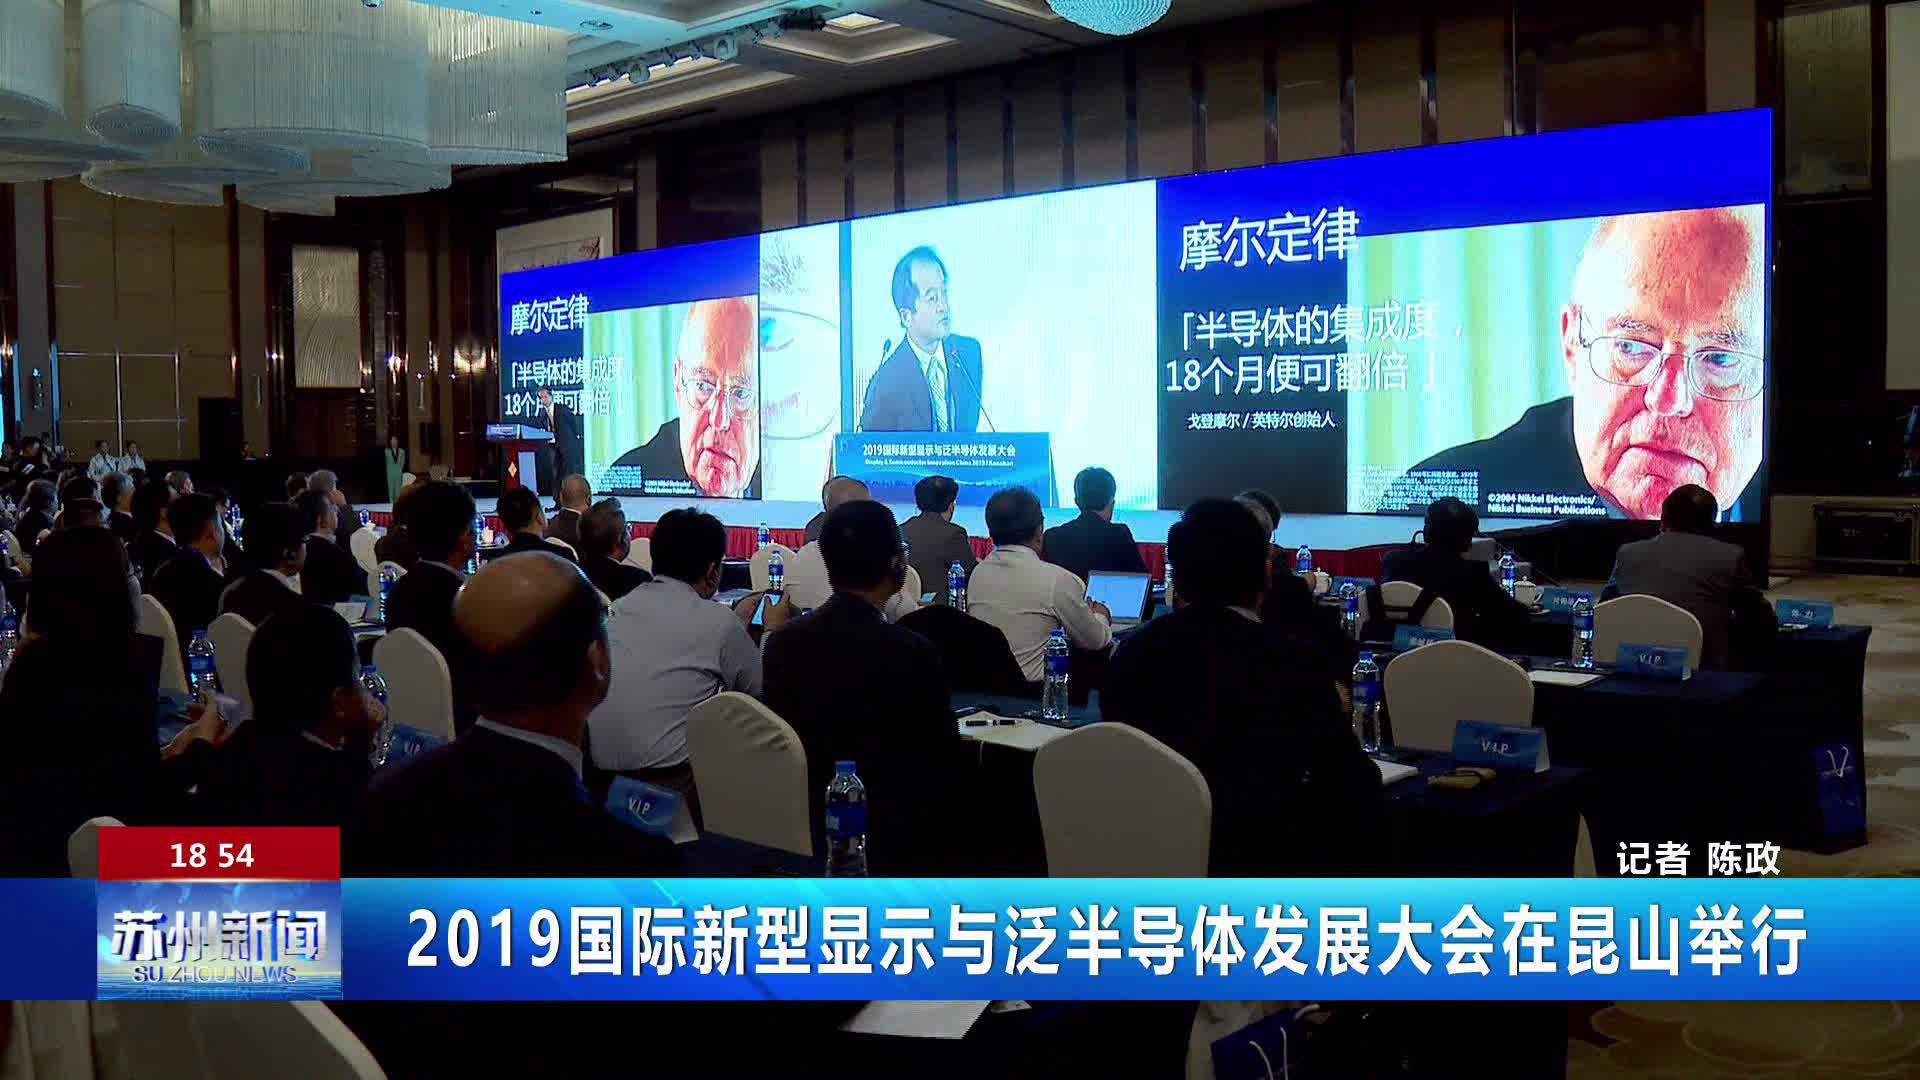 2019国际新型显示与泛半导体发展大会在昆山举行